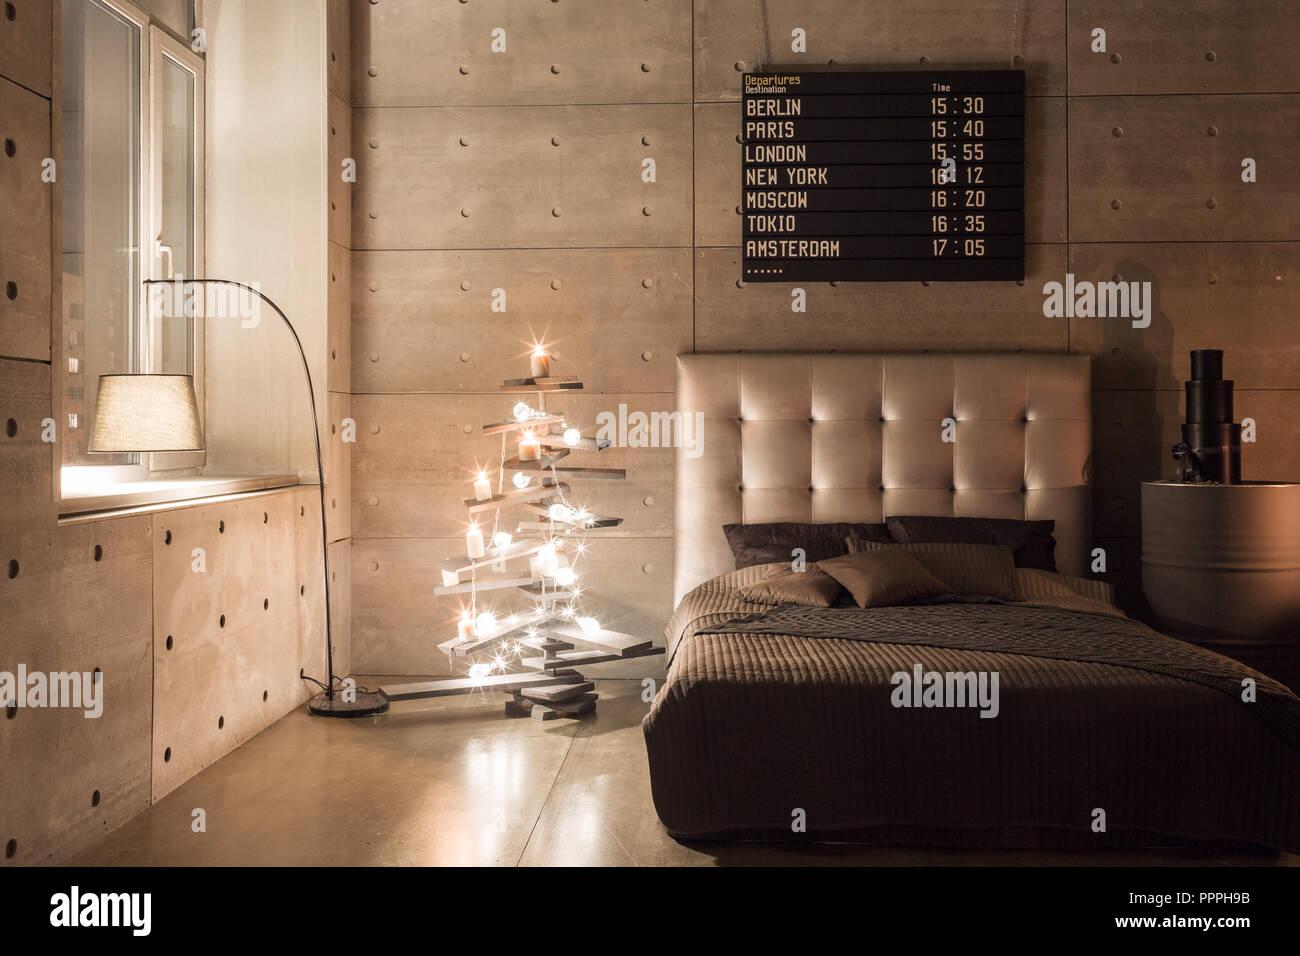 Camera Da Letto Stile Parigi : Chez morgan shabby chic style camera da letto parigi di